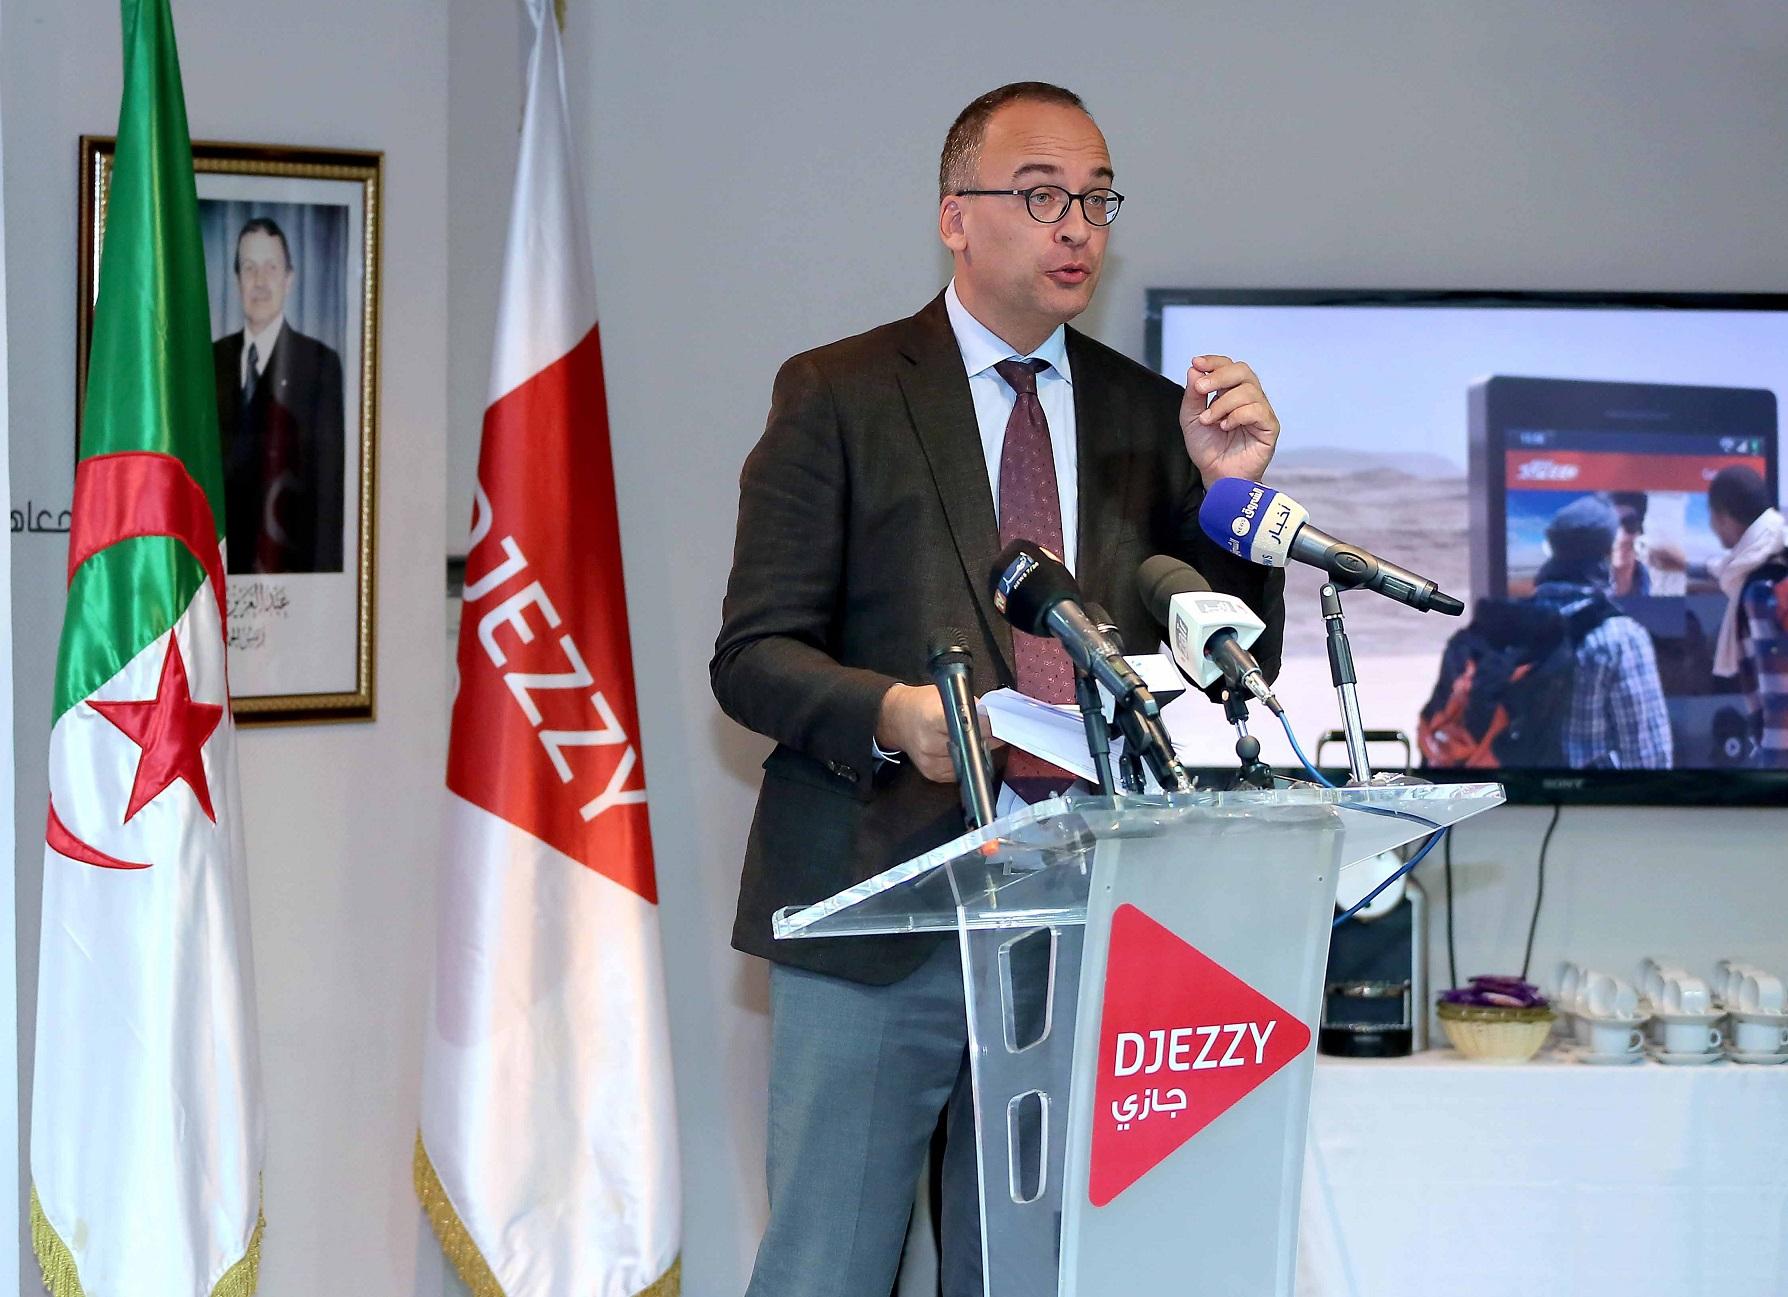 Tom Gutjahr, DG de Djezzy. D. R.